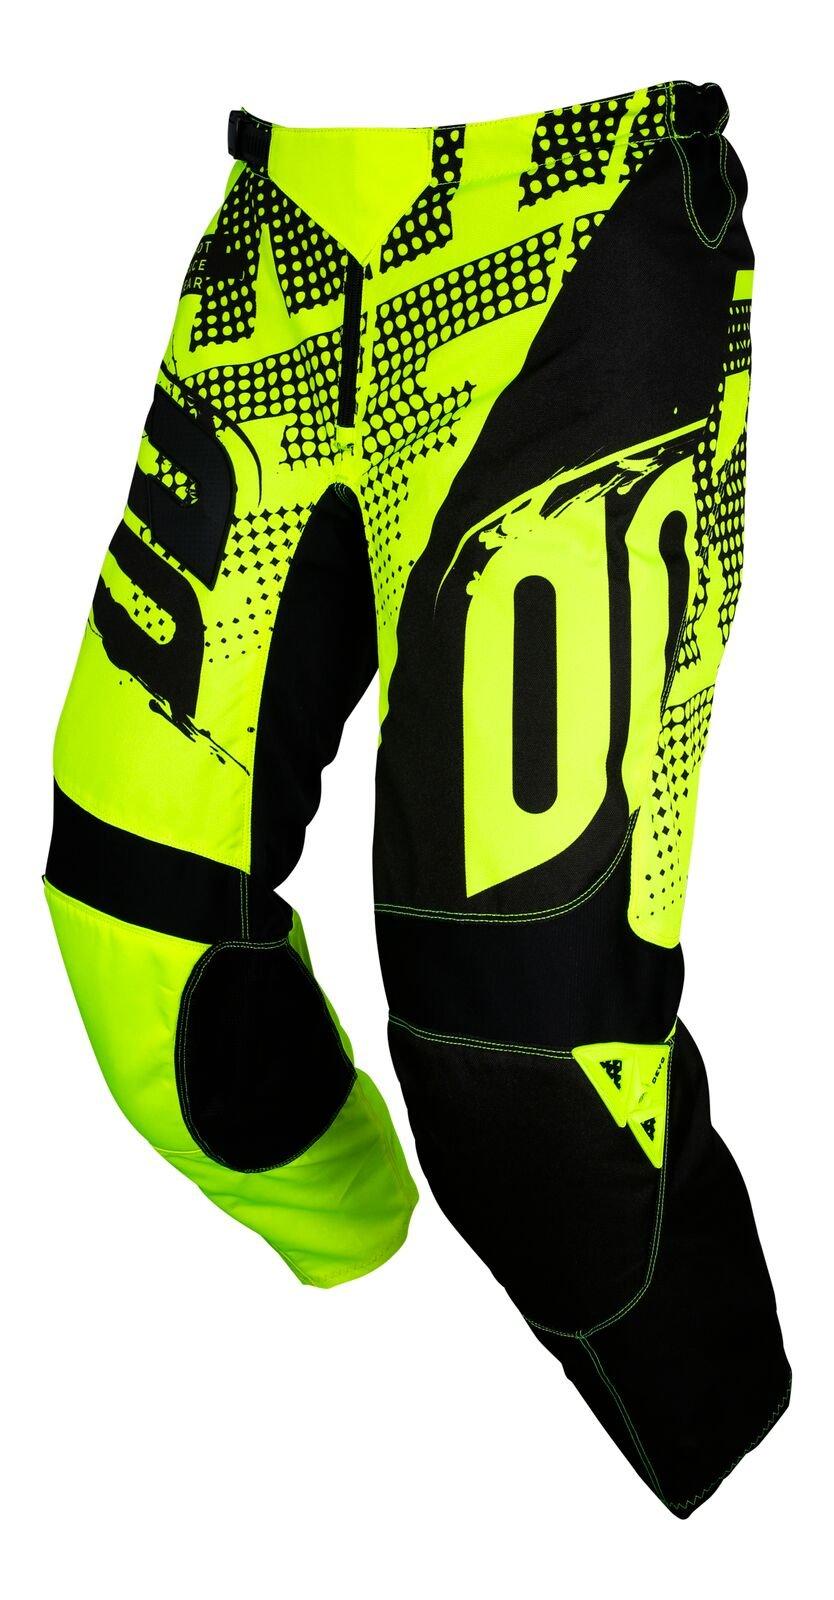 Shot Race Gear Youth Devo Kid Venom Neon Yellow Jersey/Pant Combo - Size Y-XLARGE/24W by Shot Race Gear (Image #3)